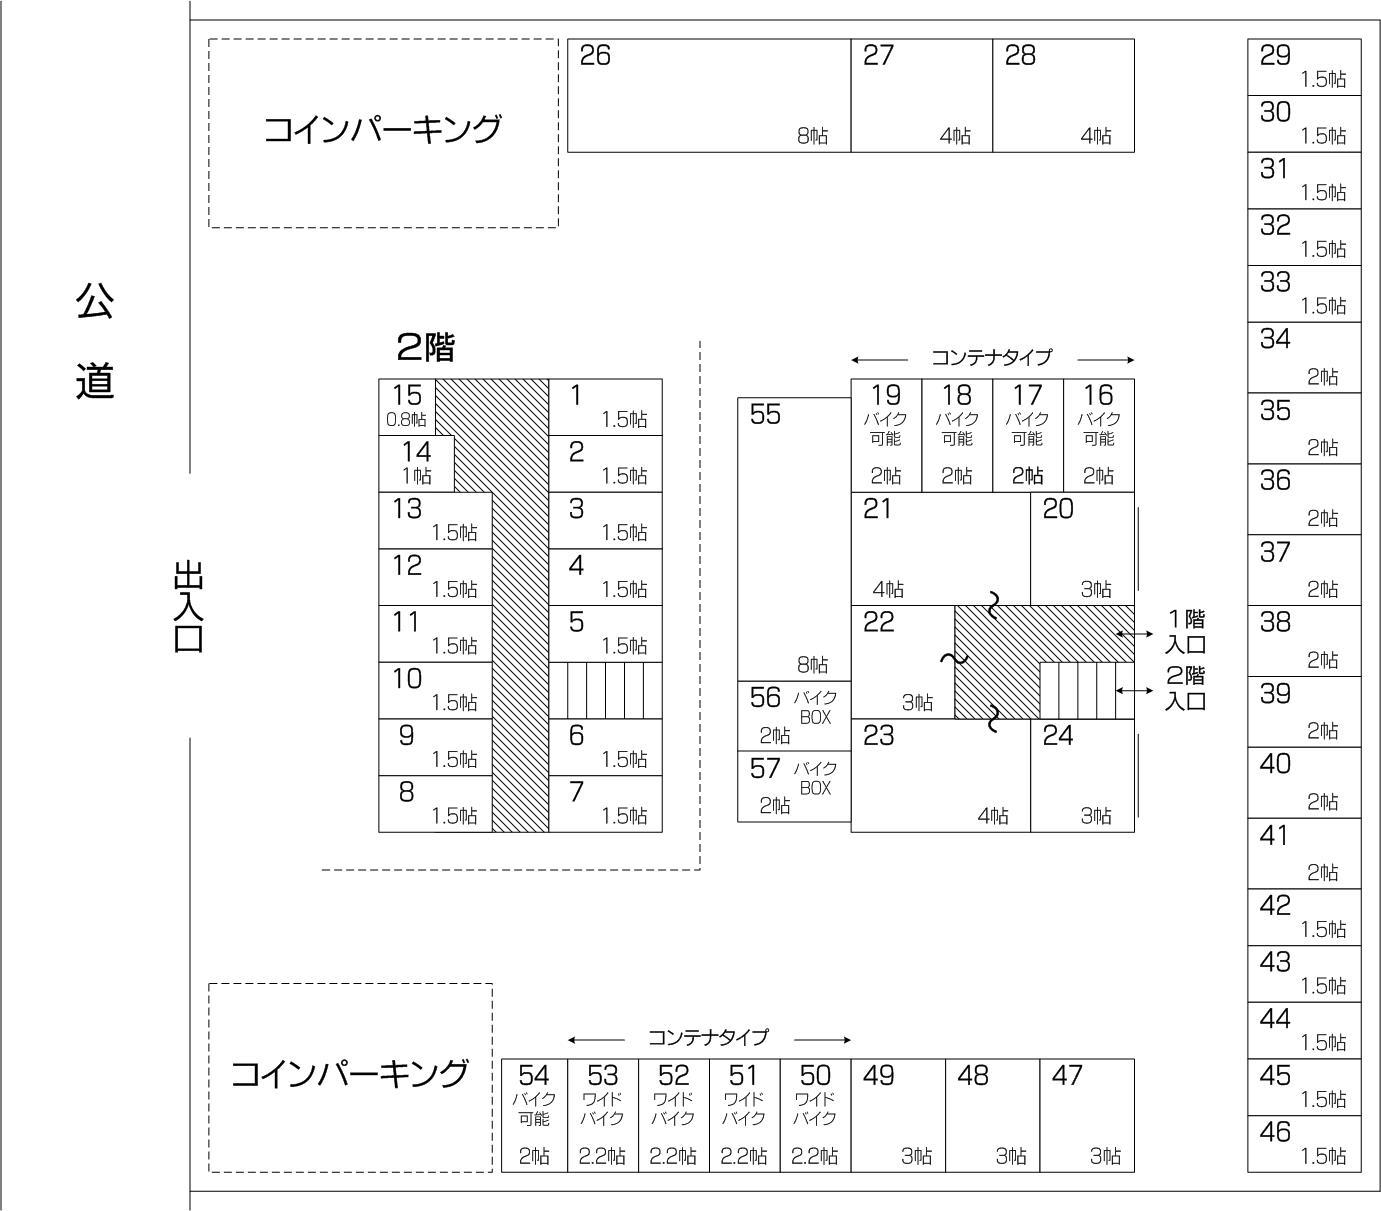 武蔵浦和アウトレット店の配置図